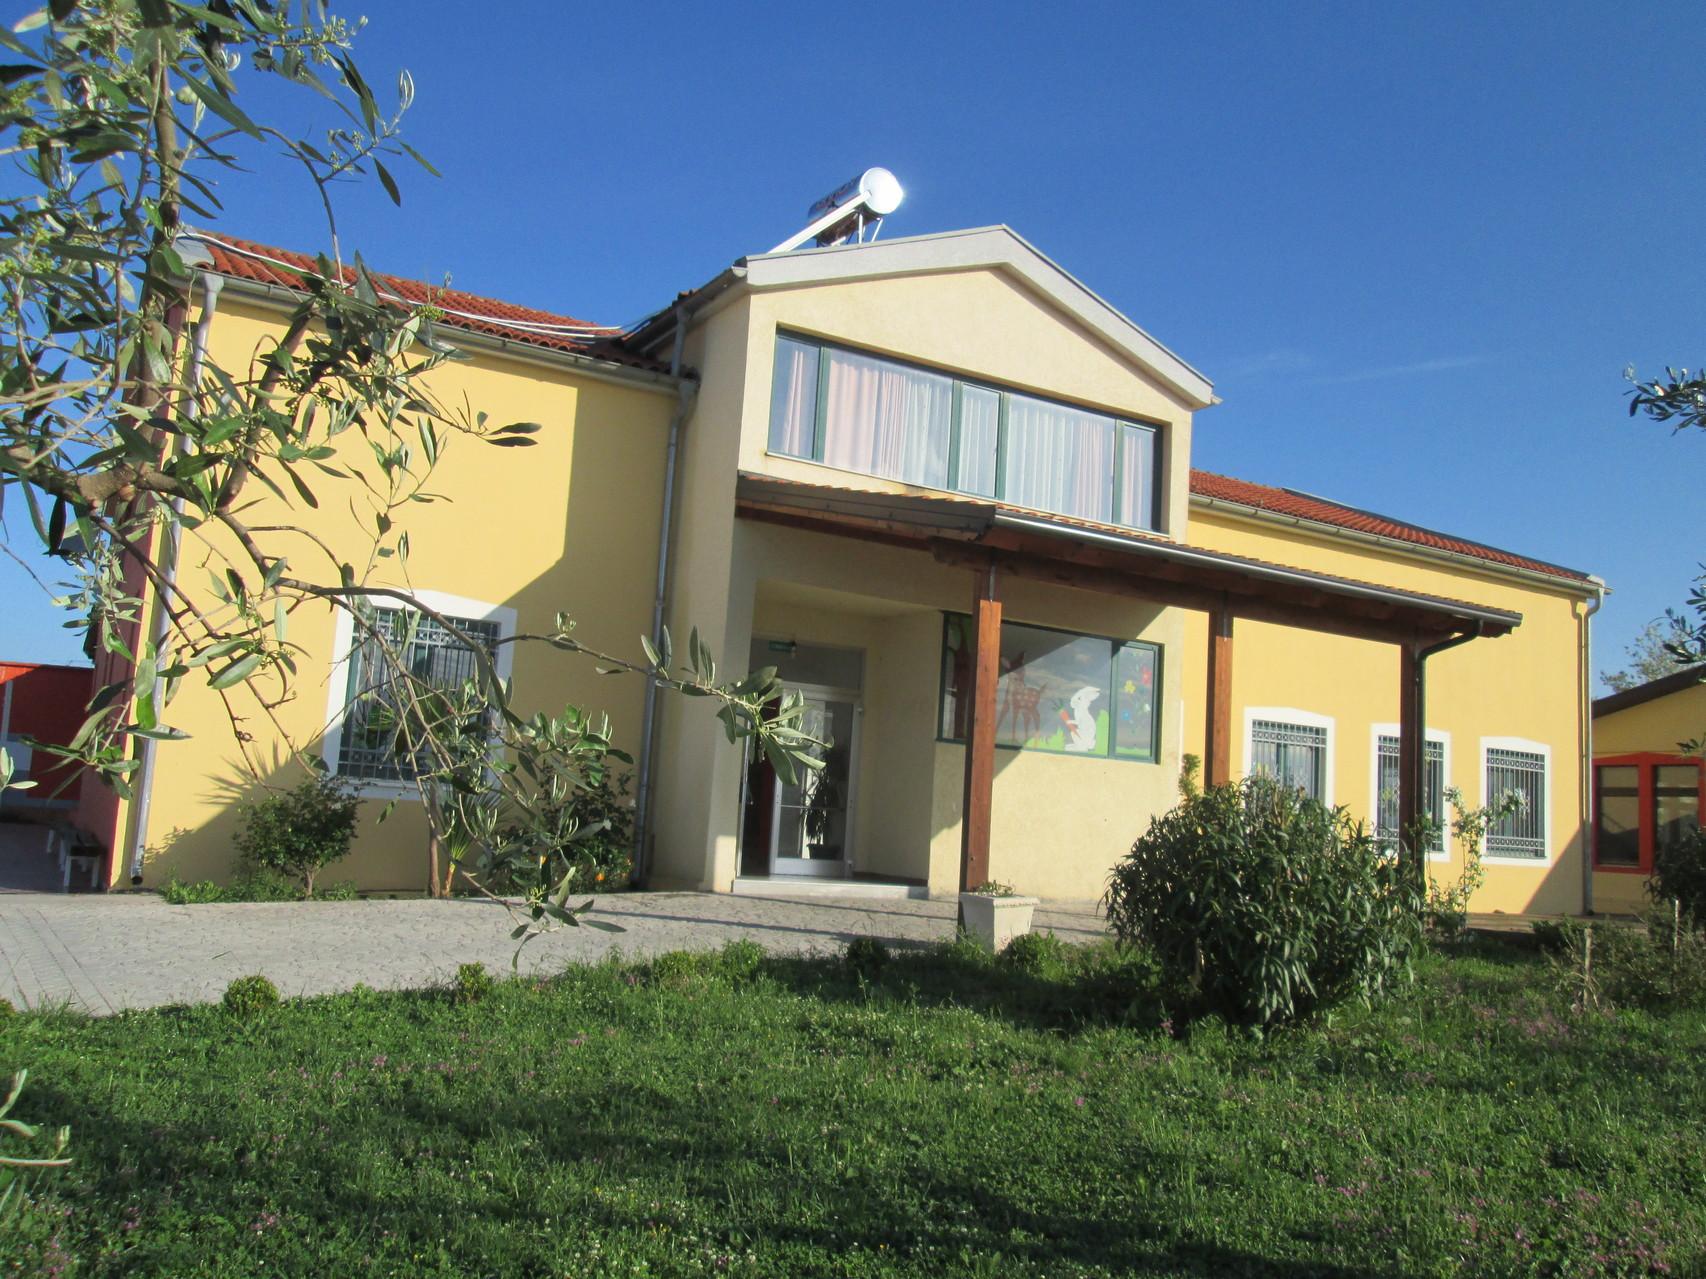 Scuola Materna (Velipoja, Albania)